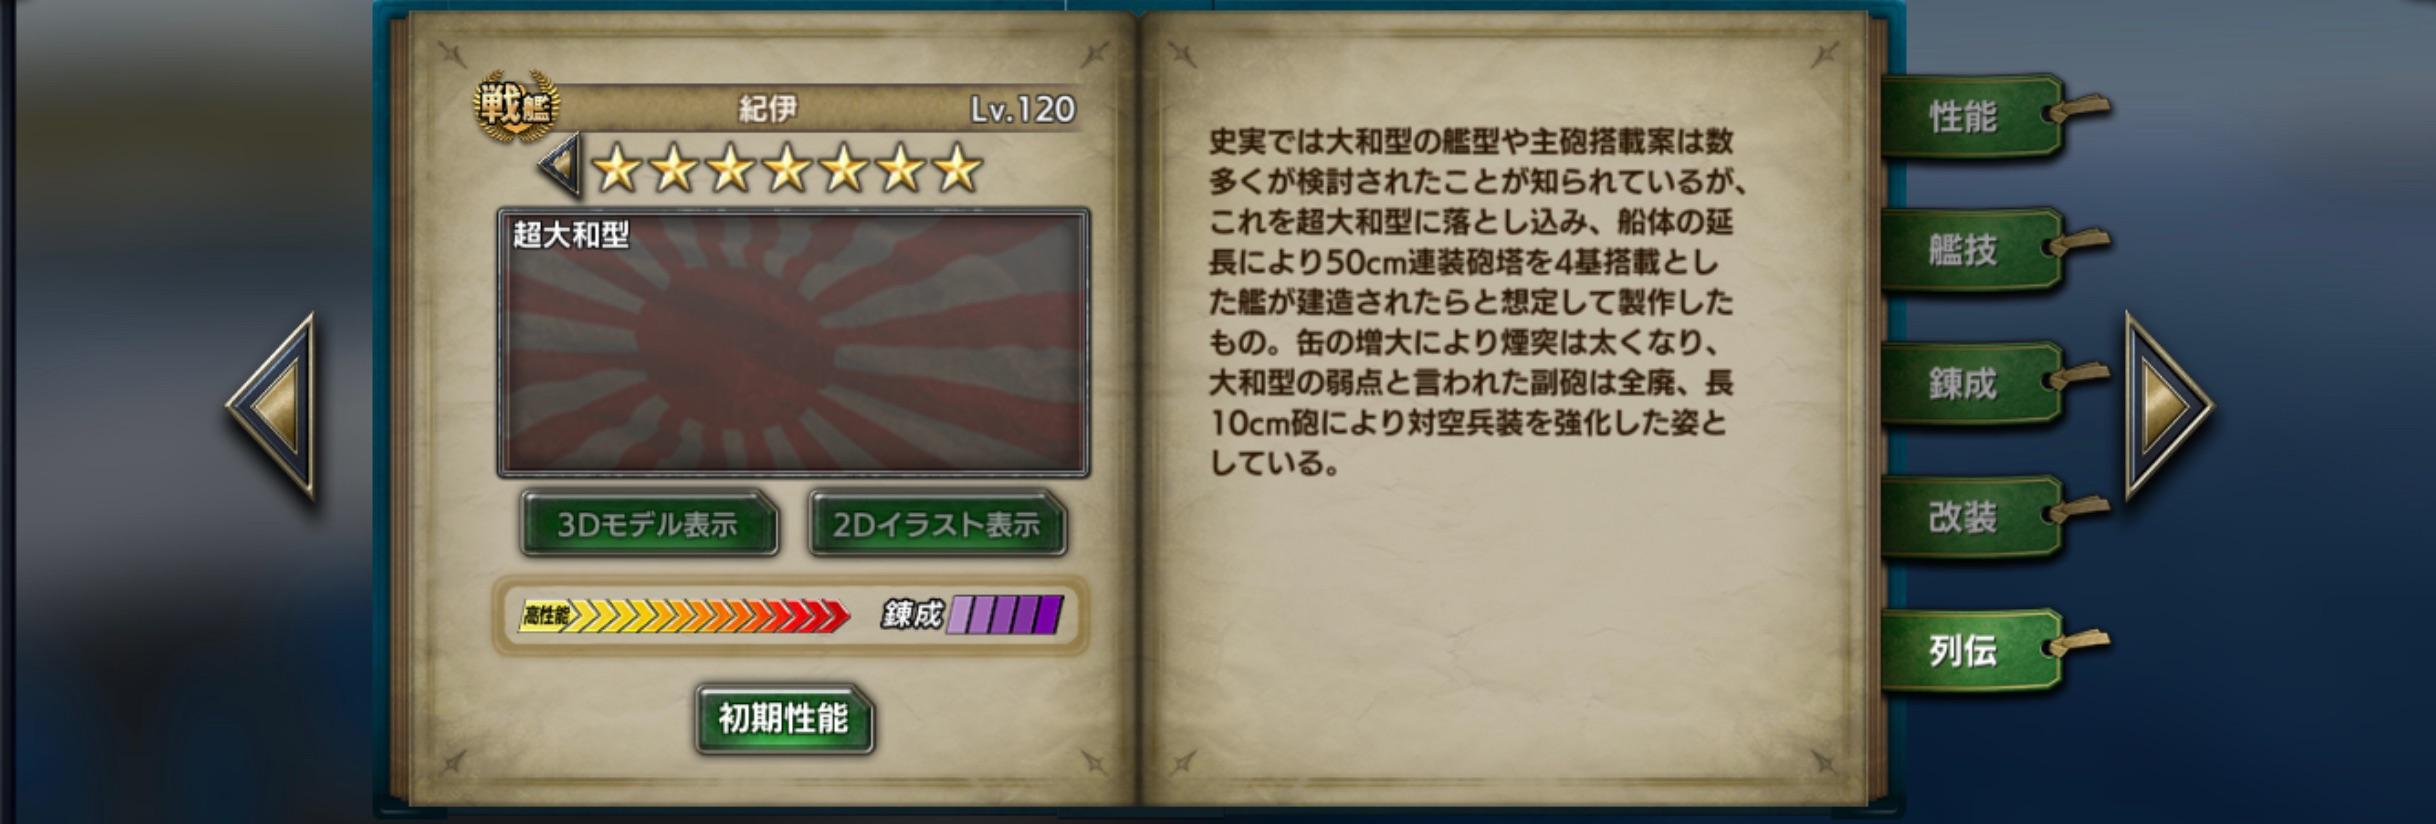 Kii-history